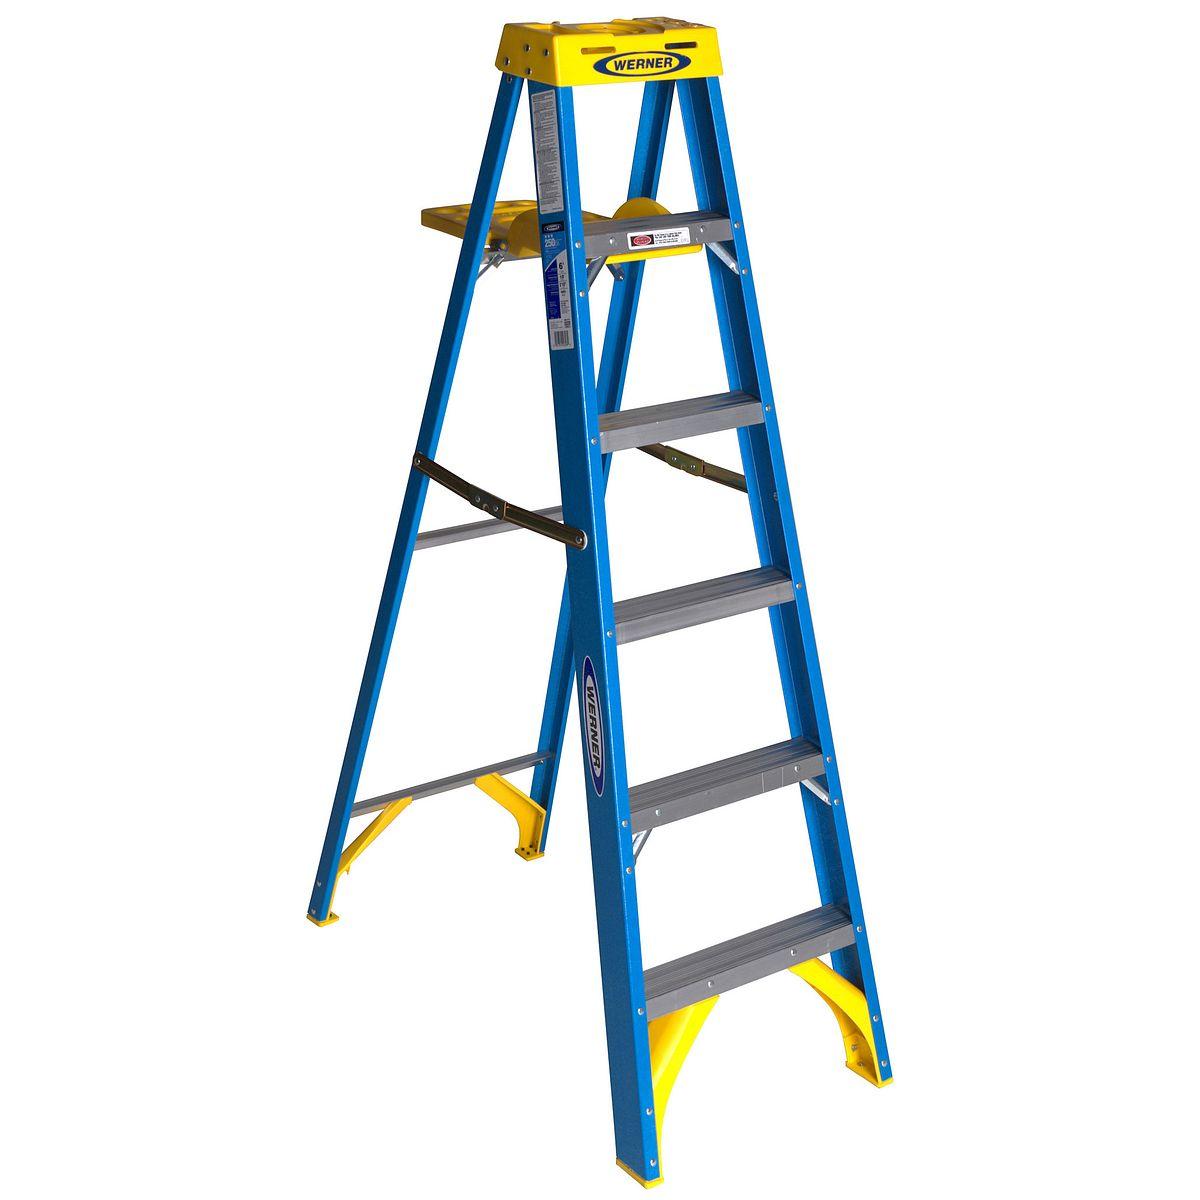 6006s Step Ladders Werner Us